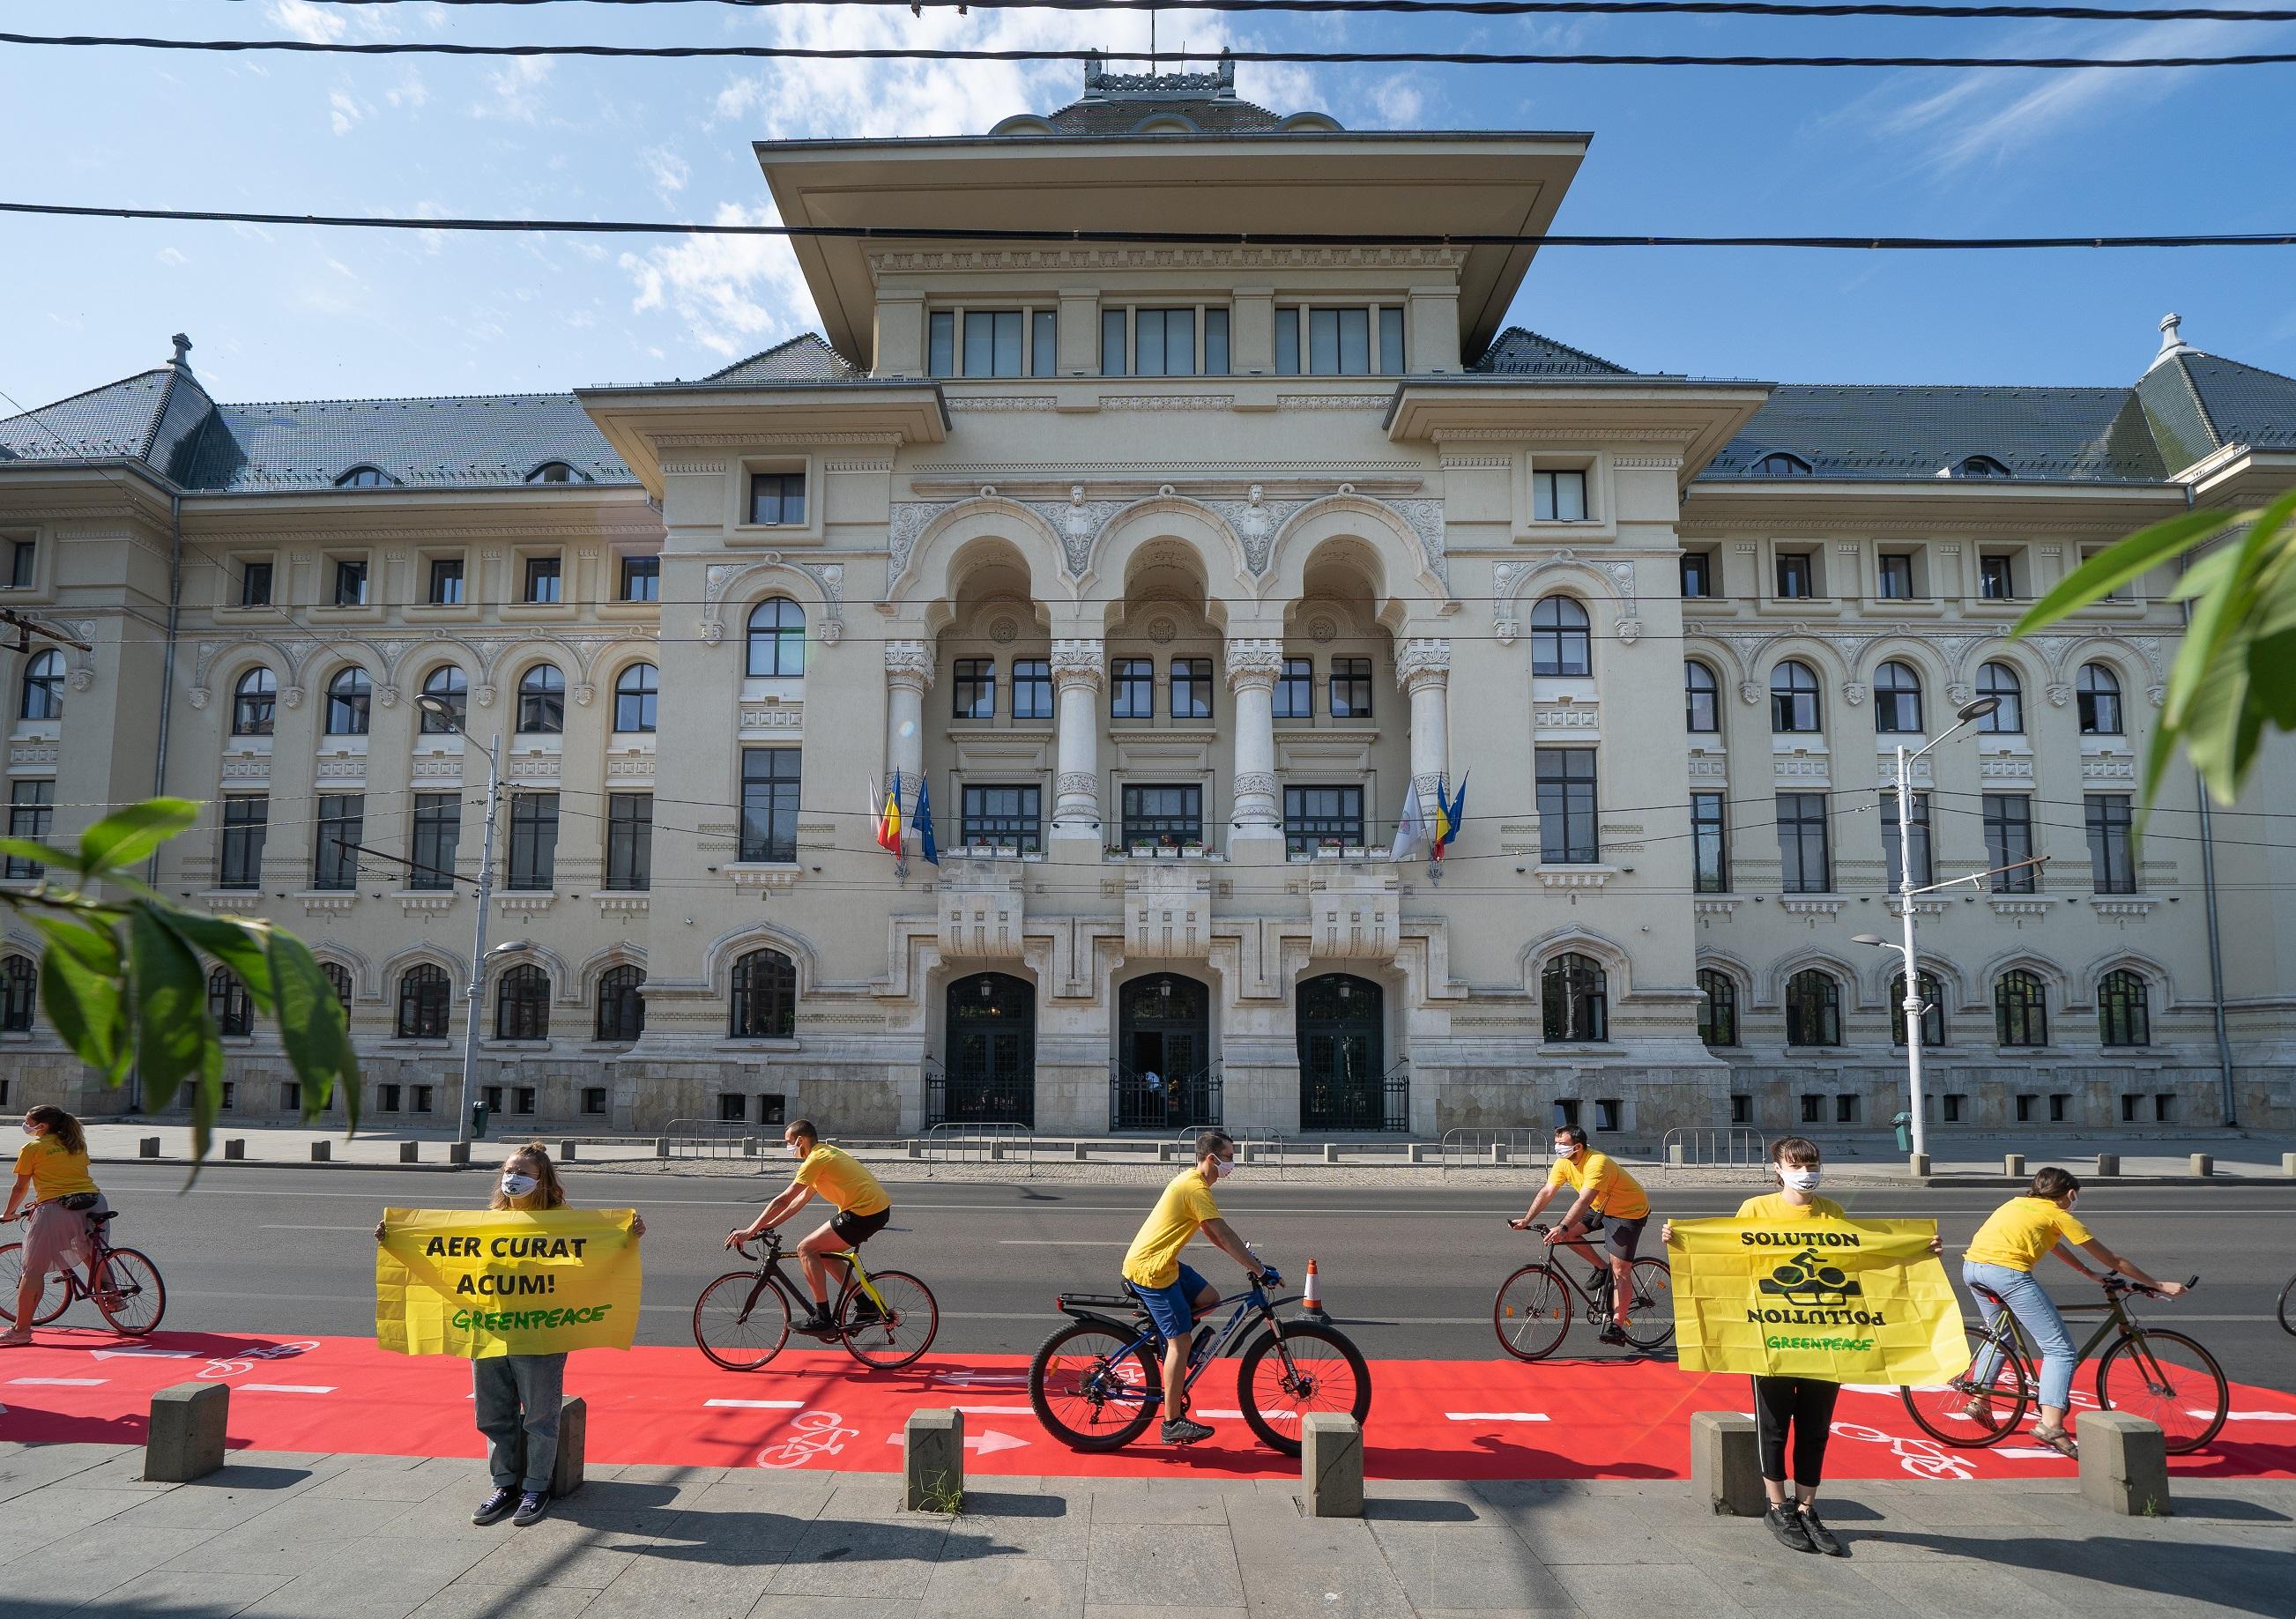 14 activiști Greenpeace au protestat astăzi în fața Primăriei Municipiului București și au cerut creșterea numărului de piste de biciclete